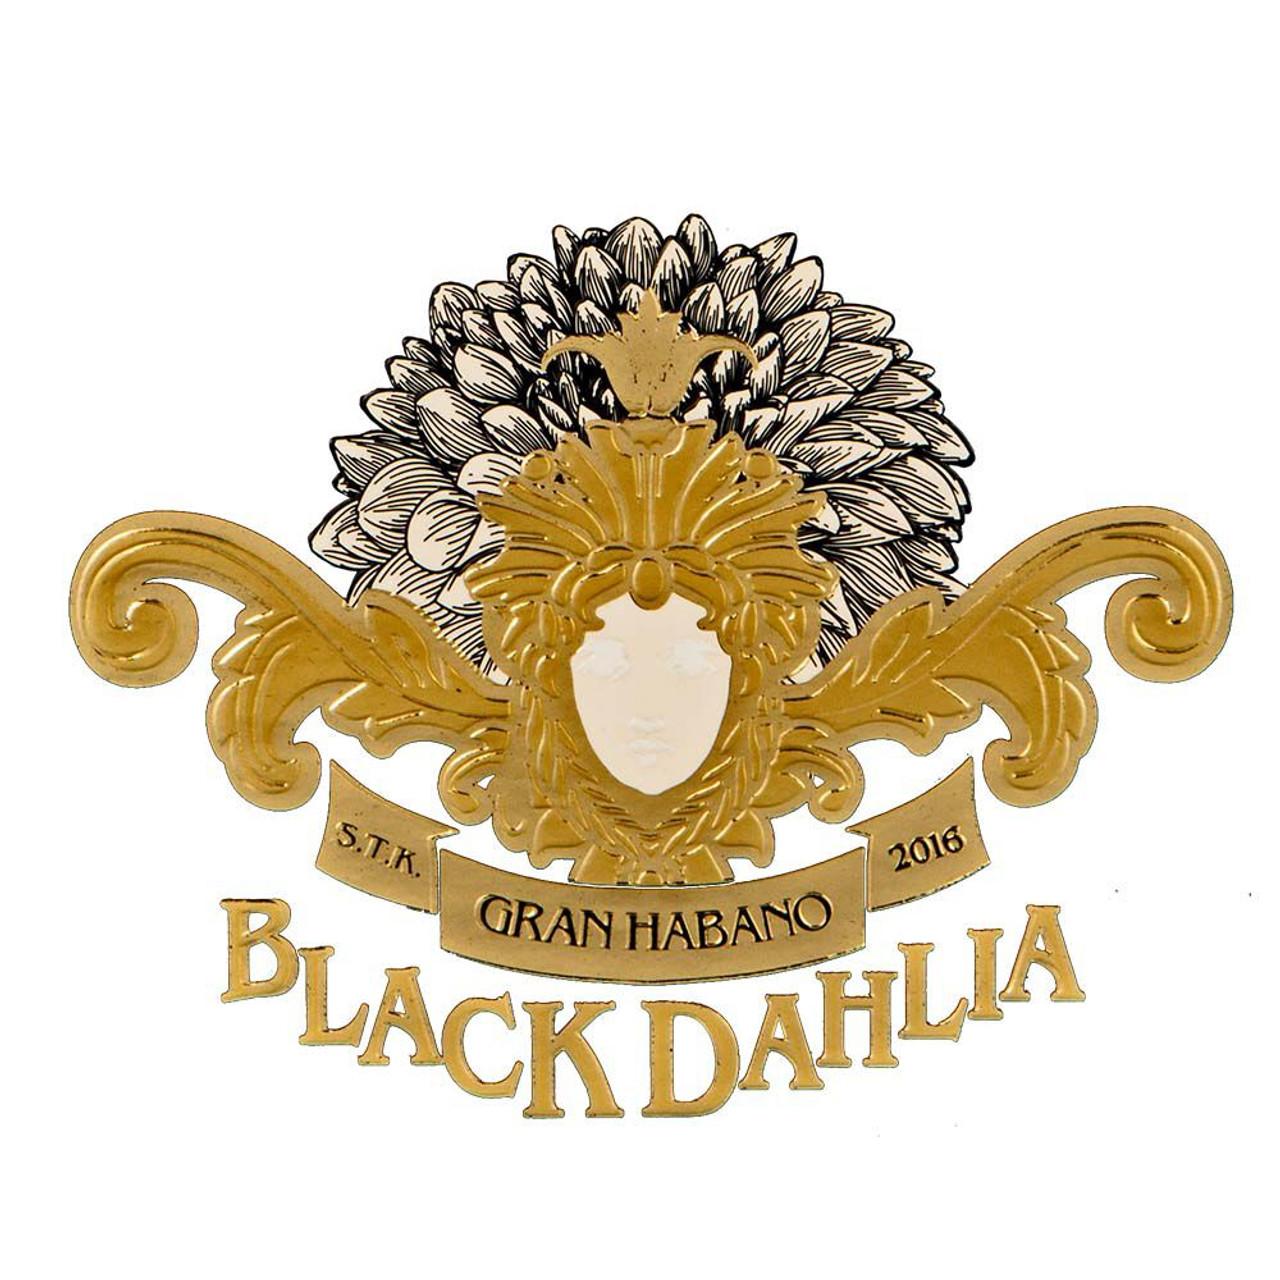 Black Dahlia by George Rico Gran Robusto Cigars - 6.0 x 54 (Box of 20)